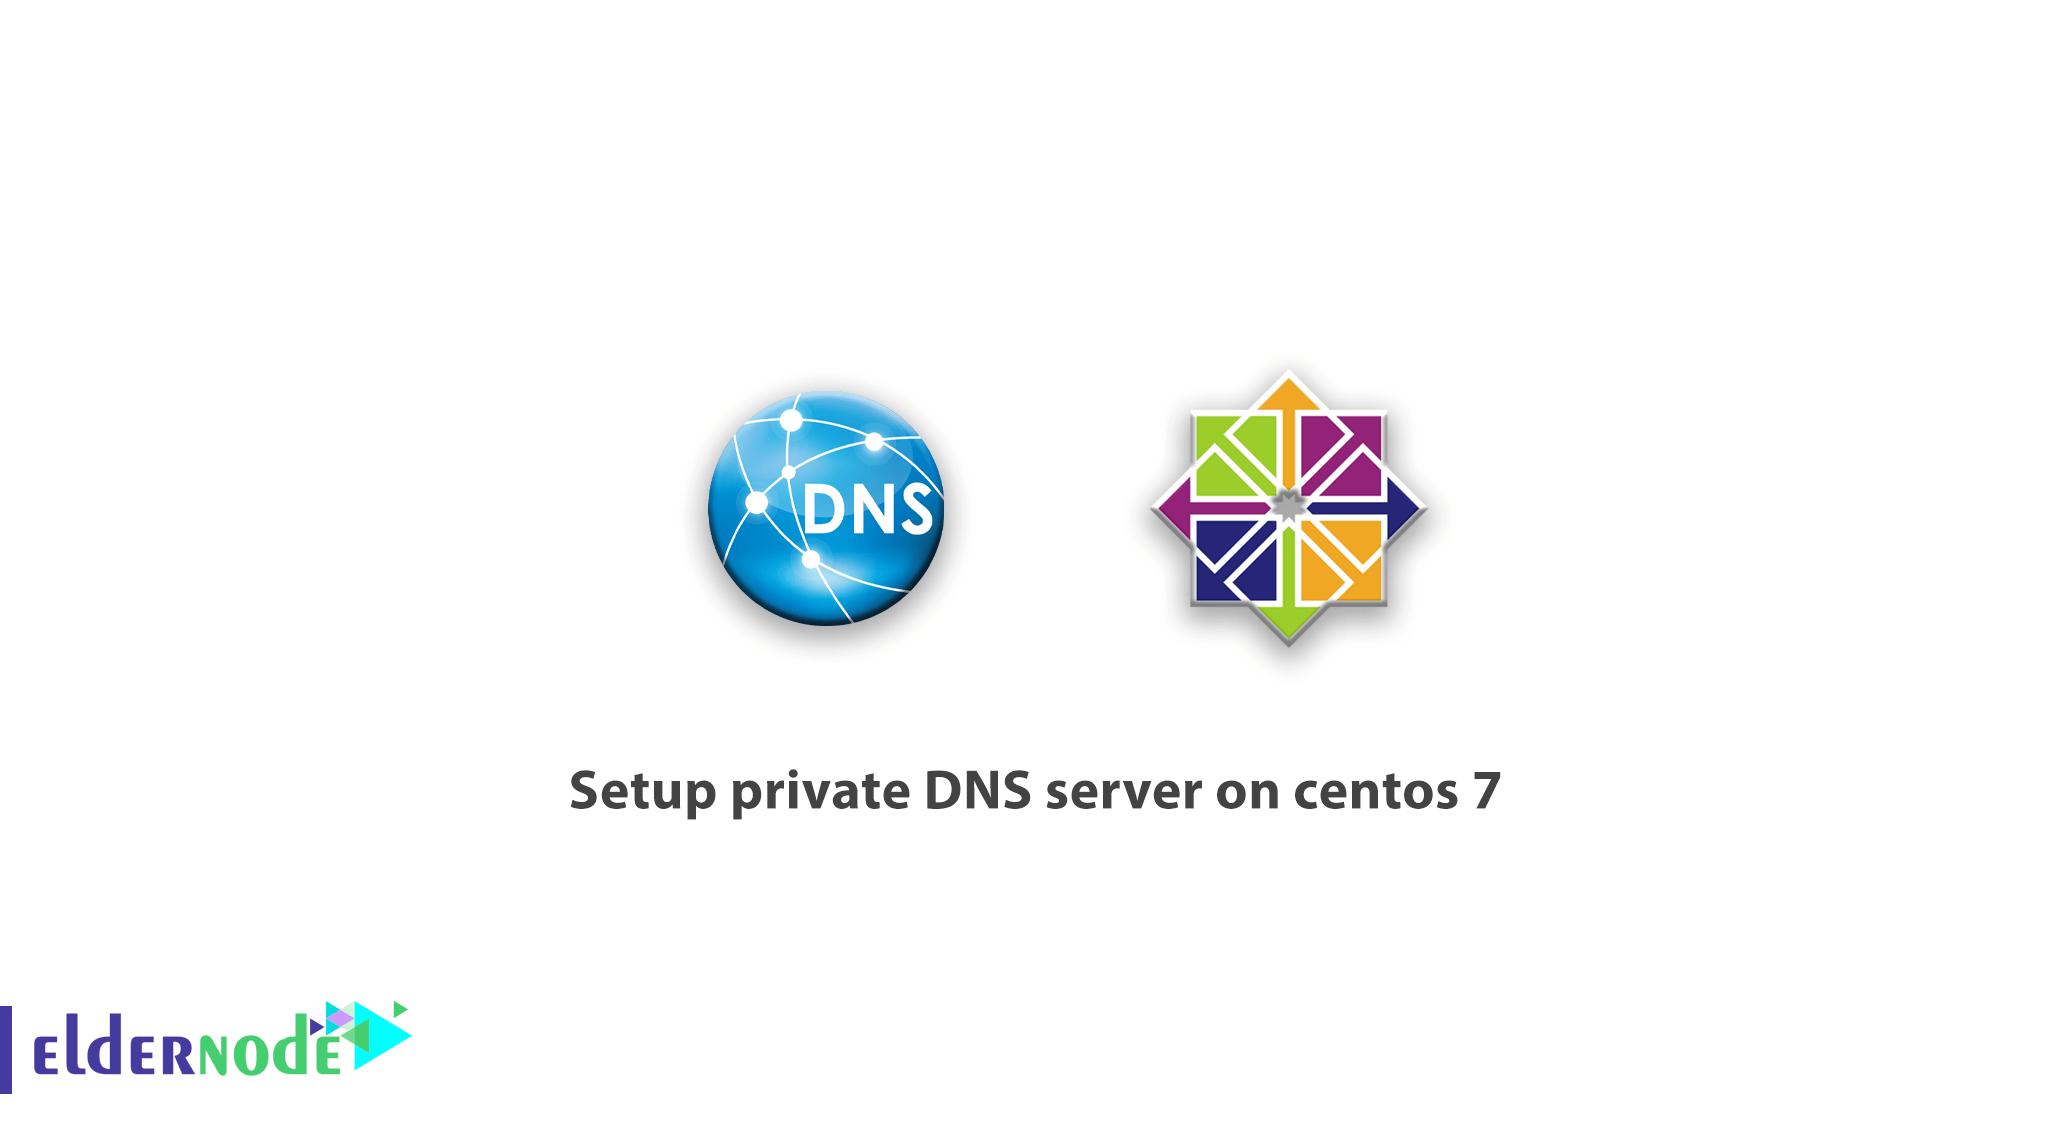 Setup private DNS server on centos 7